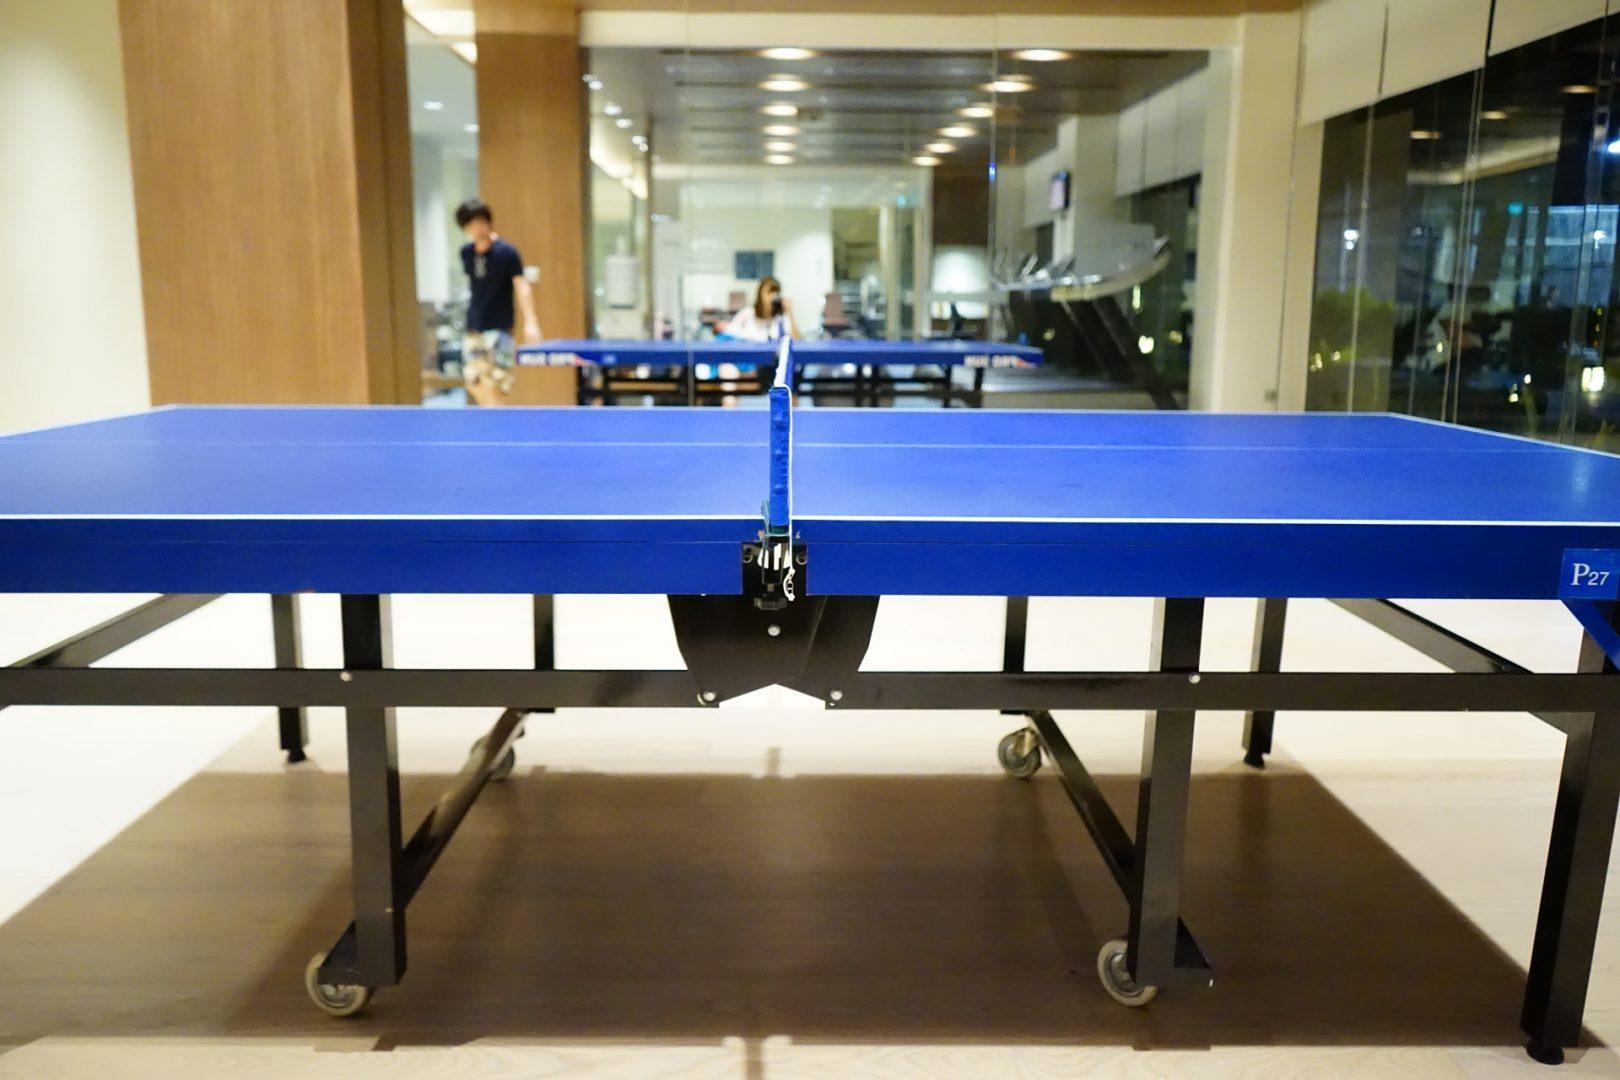 オススメ卓球用品通販サイト・ネットショップ10選 激安人気卓球ショップをチェック!